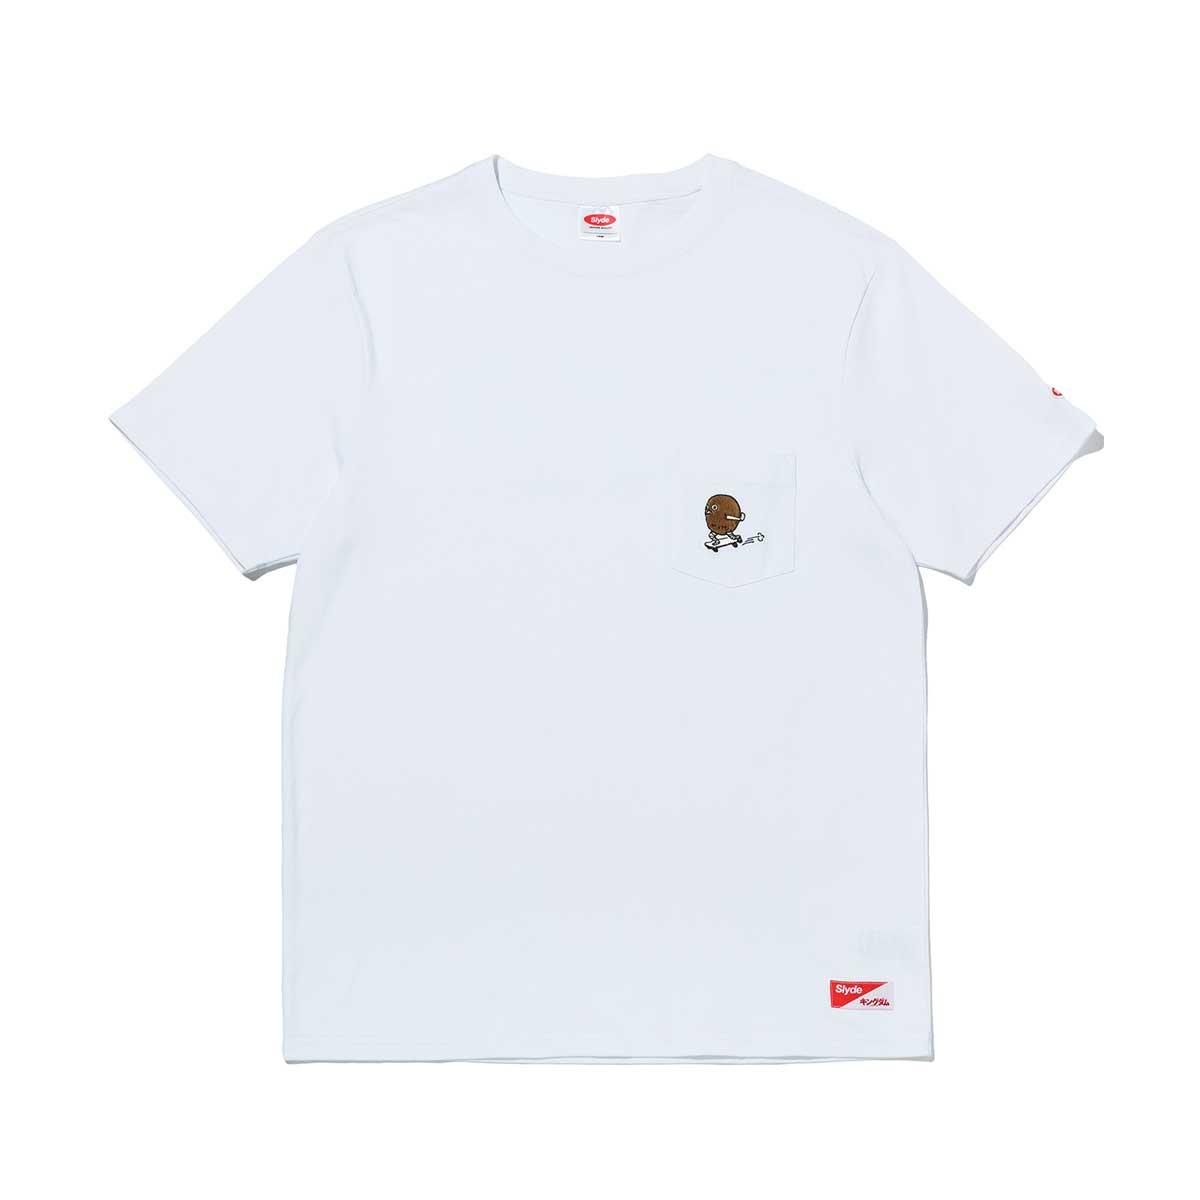 Slyde / KINGDOM TEN POCKET TEE(スライド / キングダム テン ポケット Tシャツ)WHITE【メンズ 半袖Tシャツ】20SU-S at20-c:atmos pink